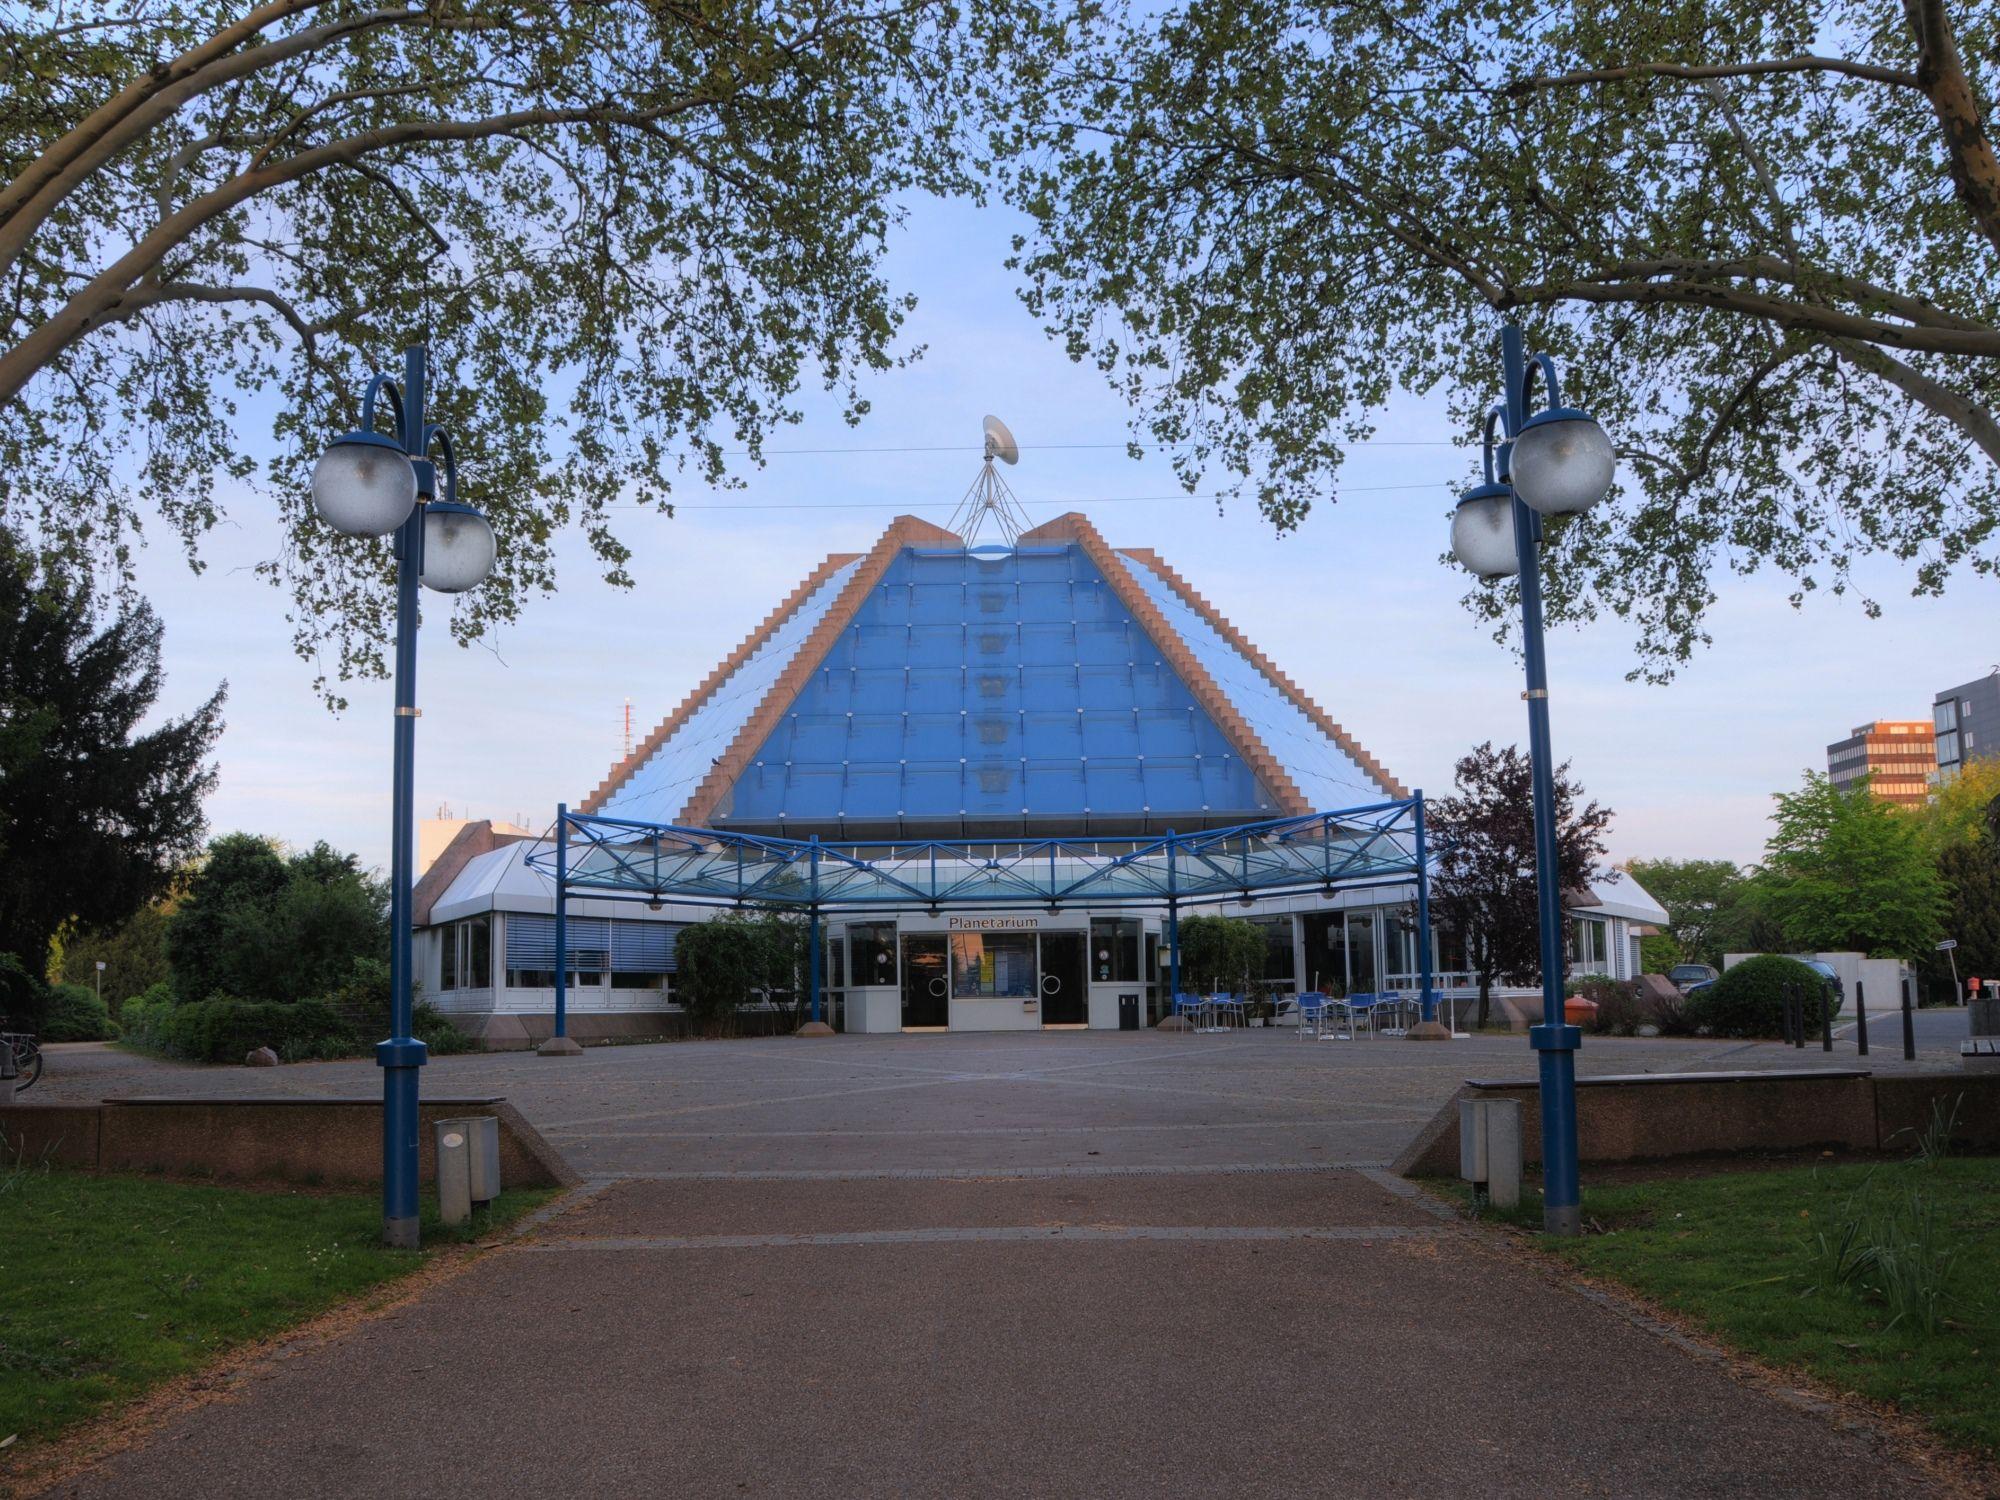 Allgemein Ferien Sommerferienwoche Planetarium 01